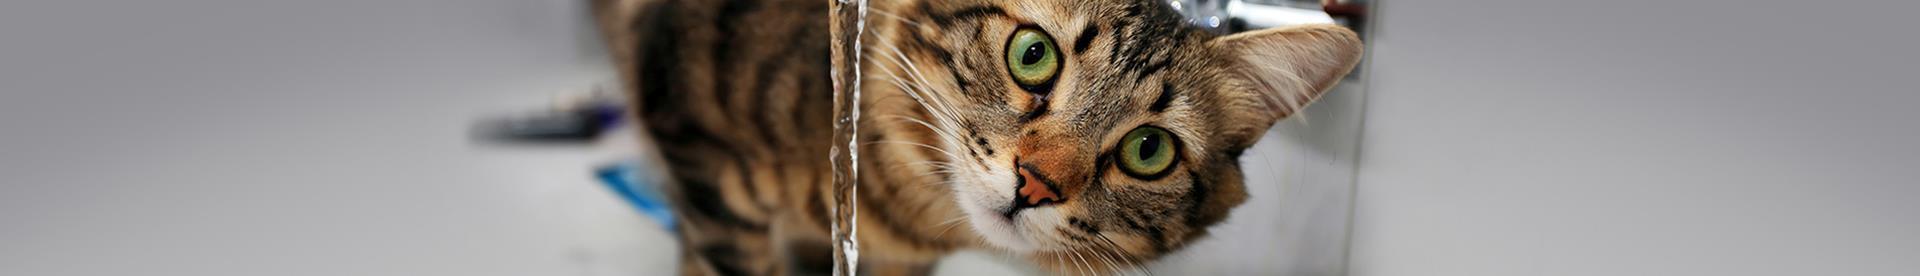 Wie Viel Sollten Katzen Trinken Whiskas